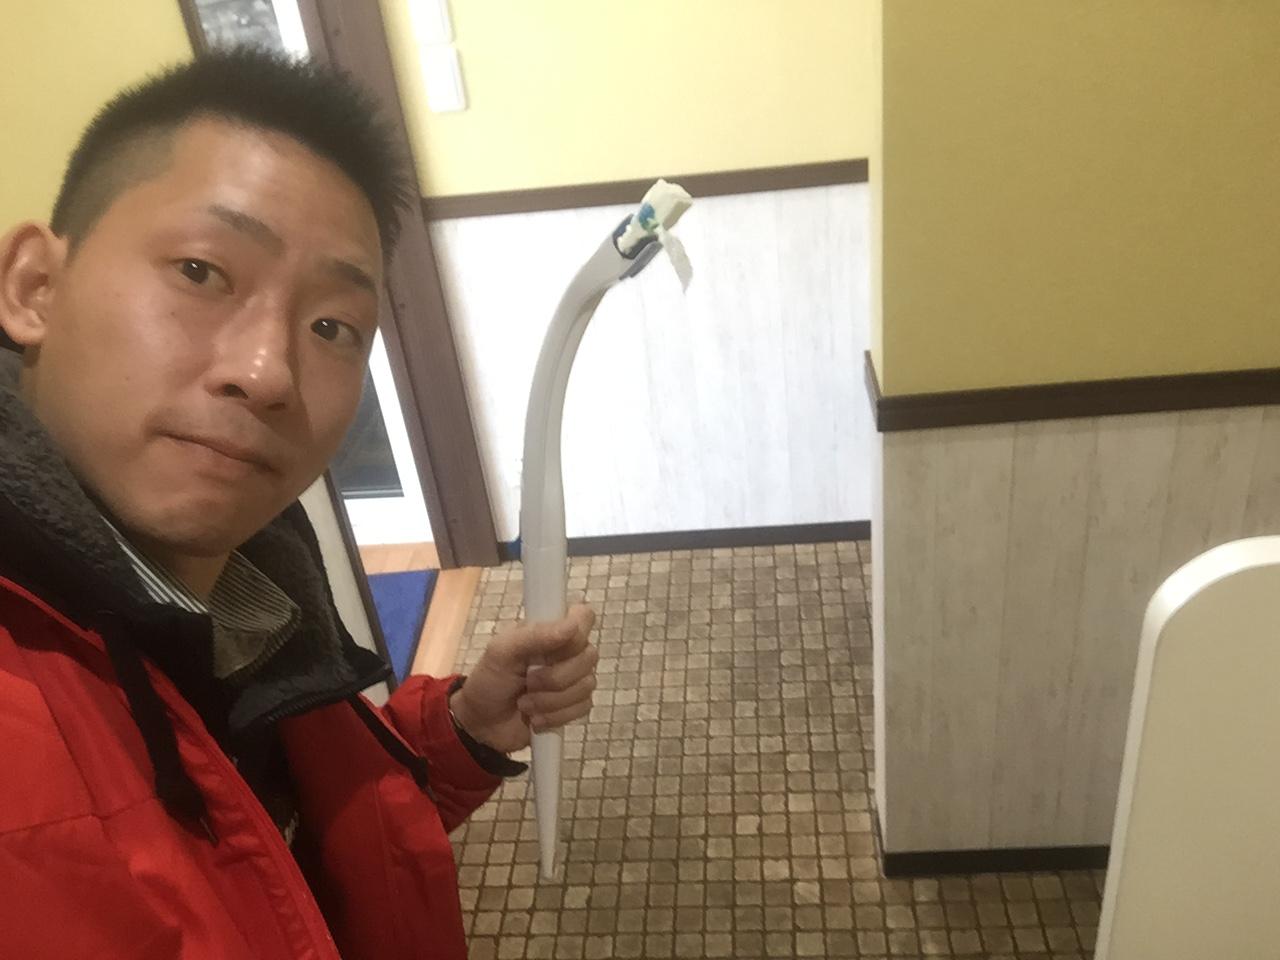 1月30日 火曜日のひとログ(´▽`) 社長地上波に登場??!!こうご期待!TOMMY_b0127002_172691.jpg